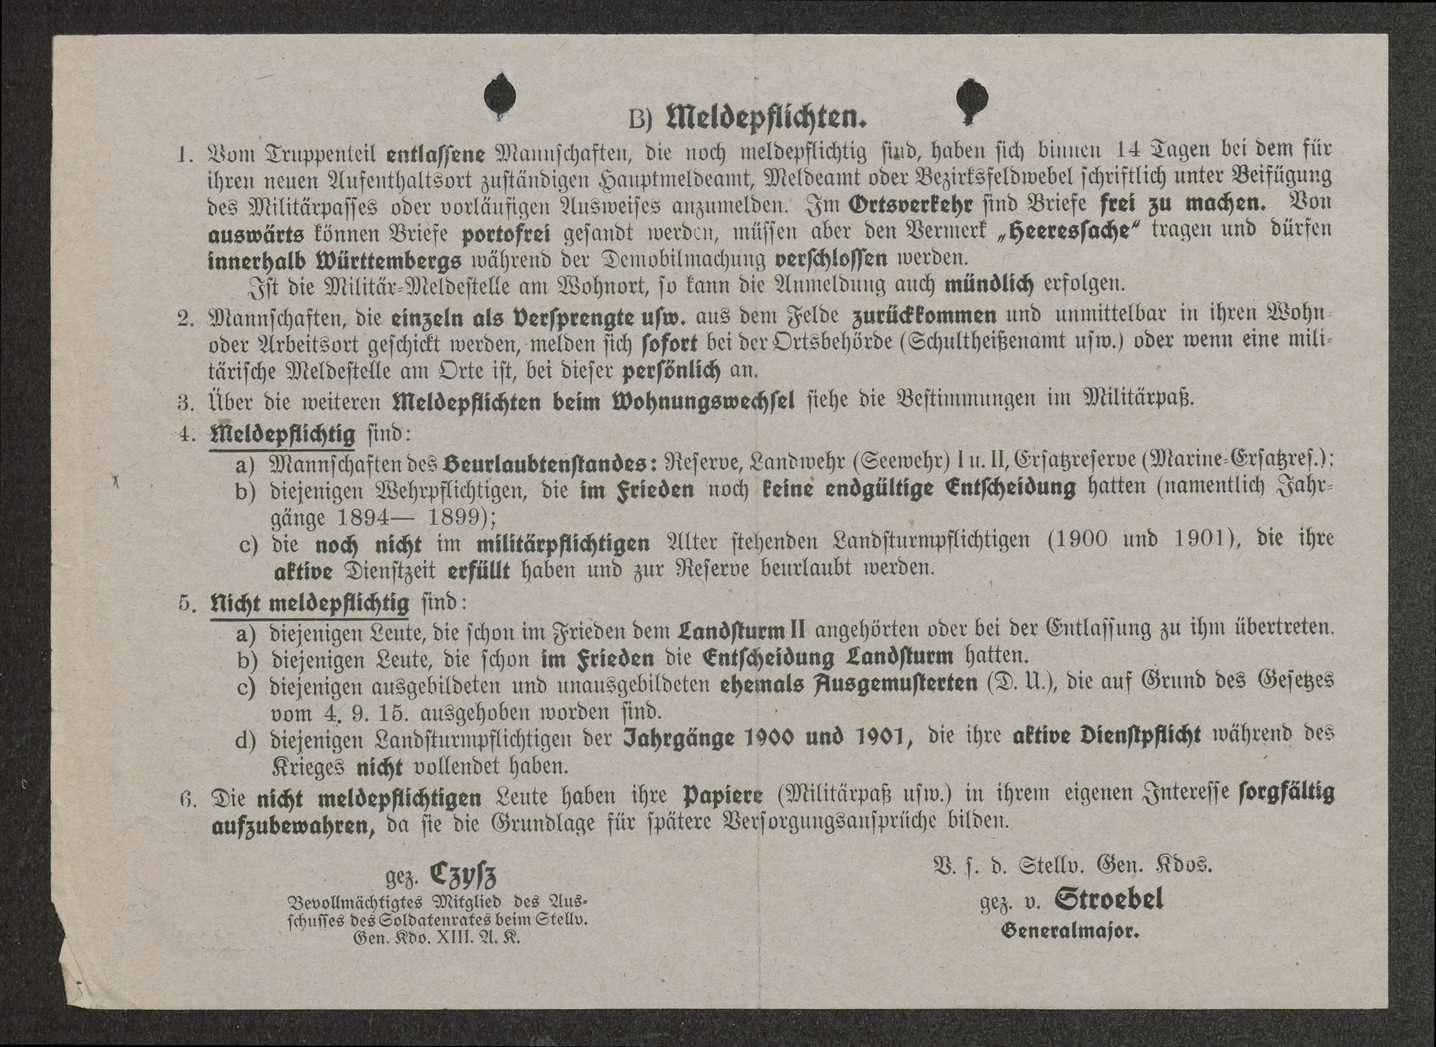 Entlassung aus dem Heeresdienst, Allgemeines, Verpflegung, Bekleidung, Versorgungsansprüche, Bild 3